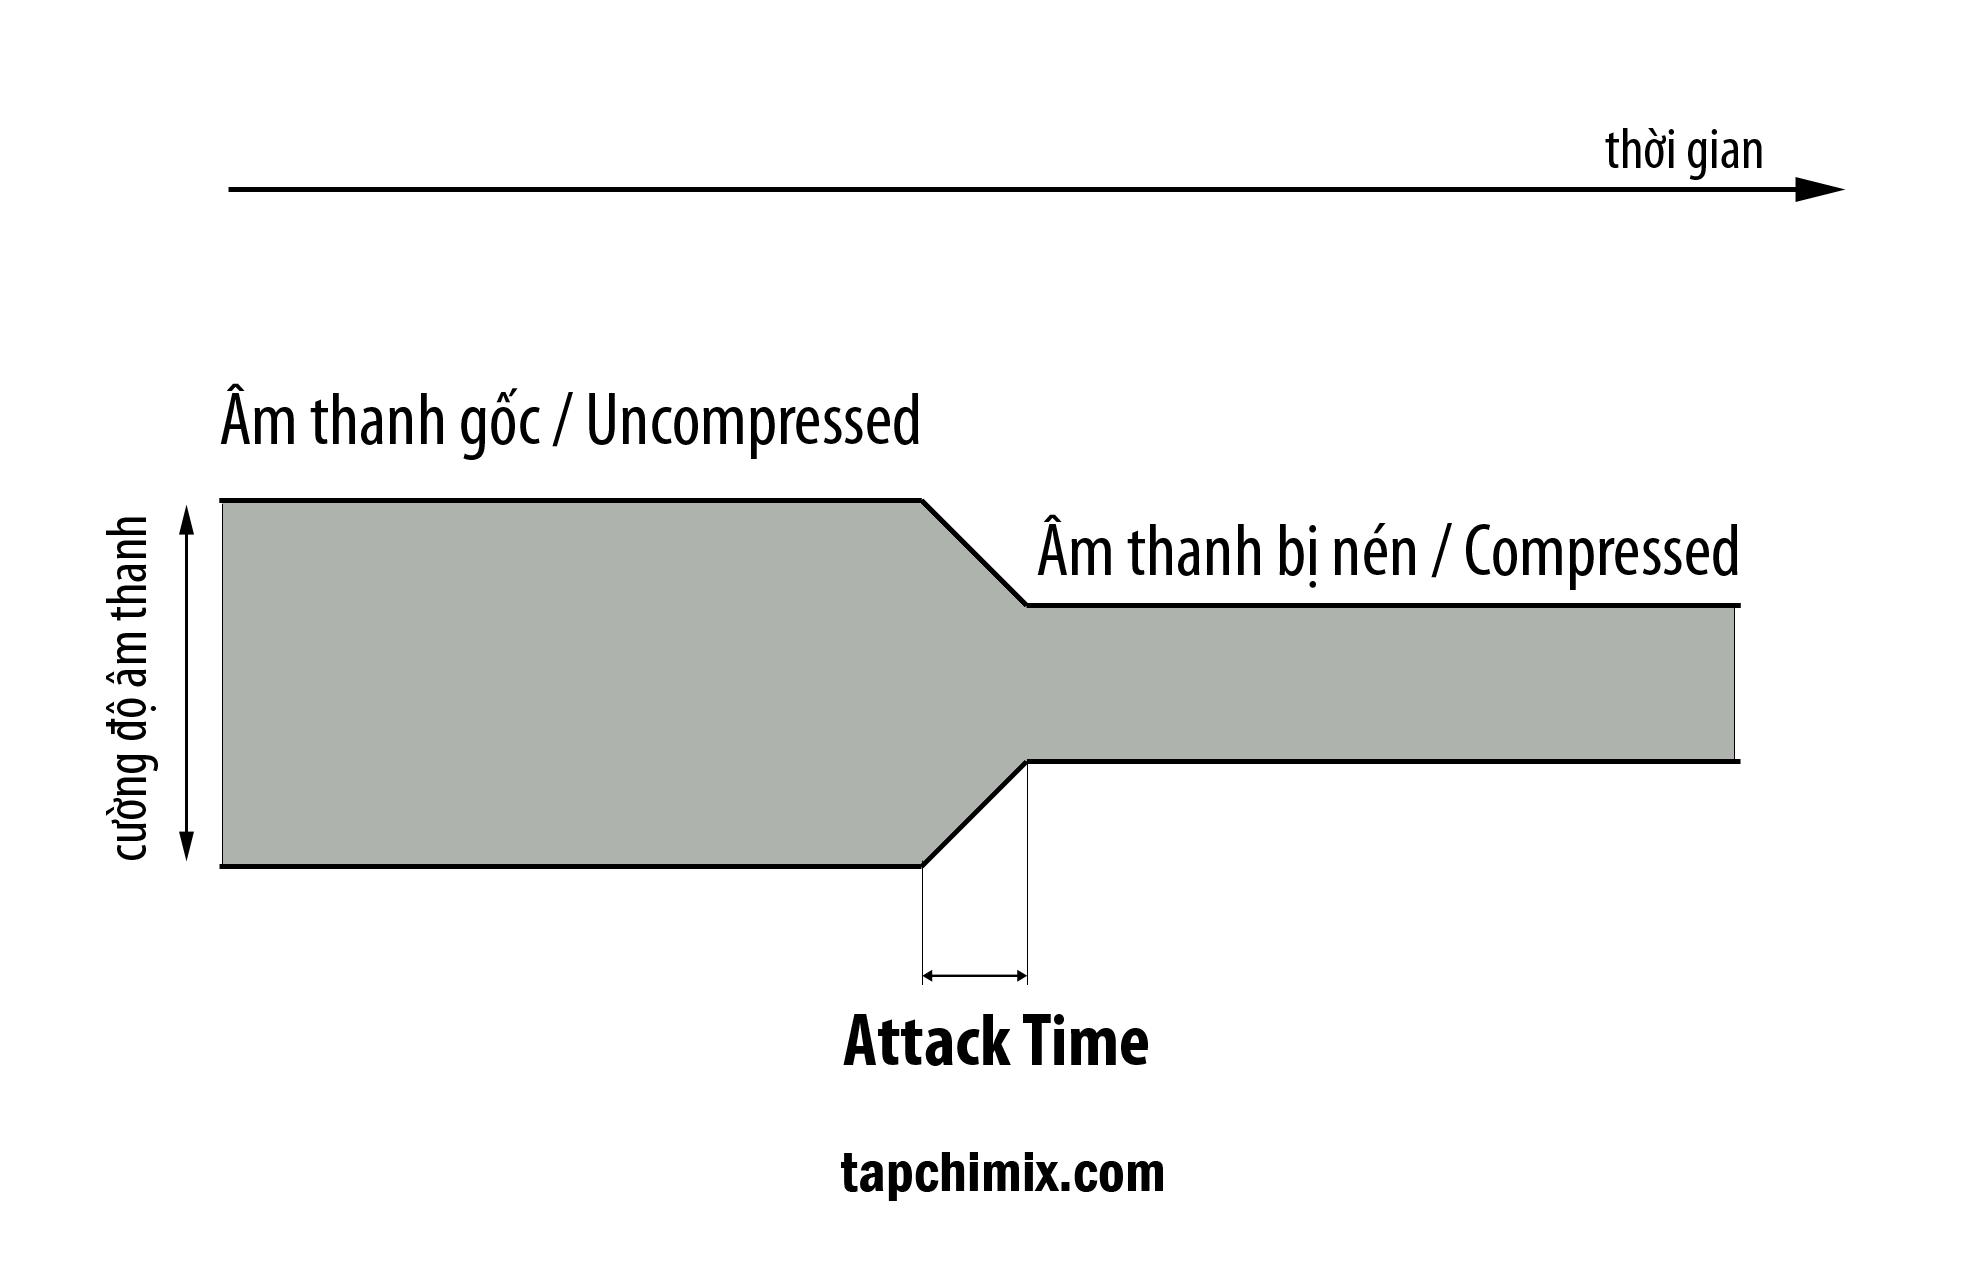 Attack Time: Rất khó nghe ra nếu bạn chưa có kinh nghiệm